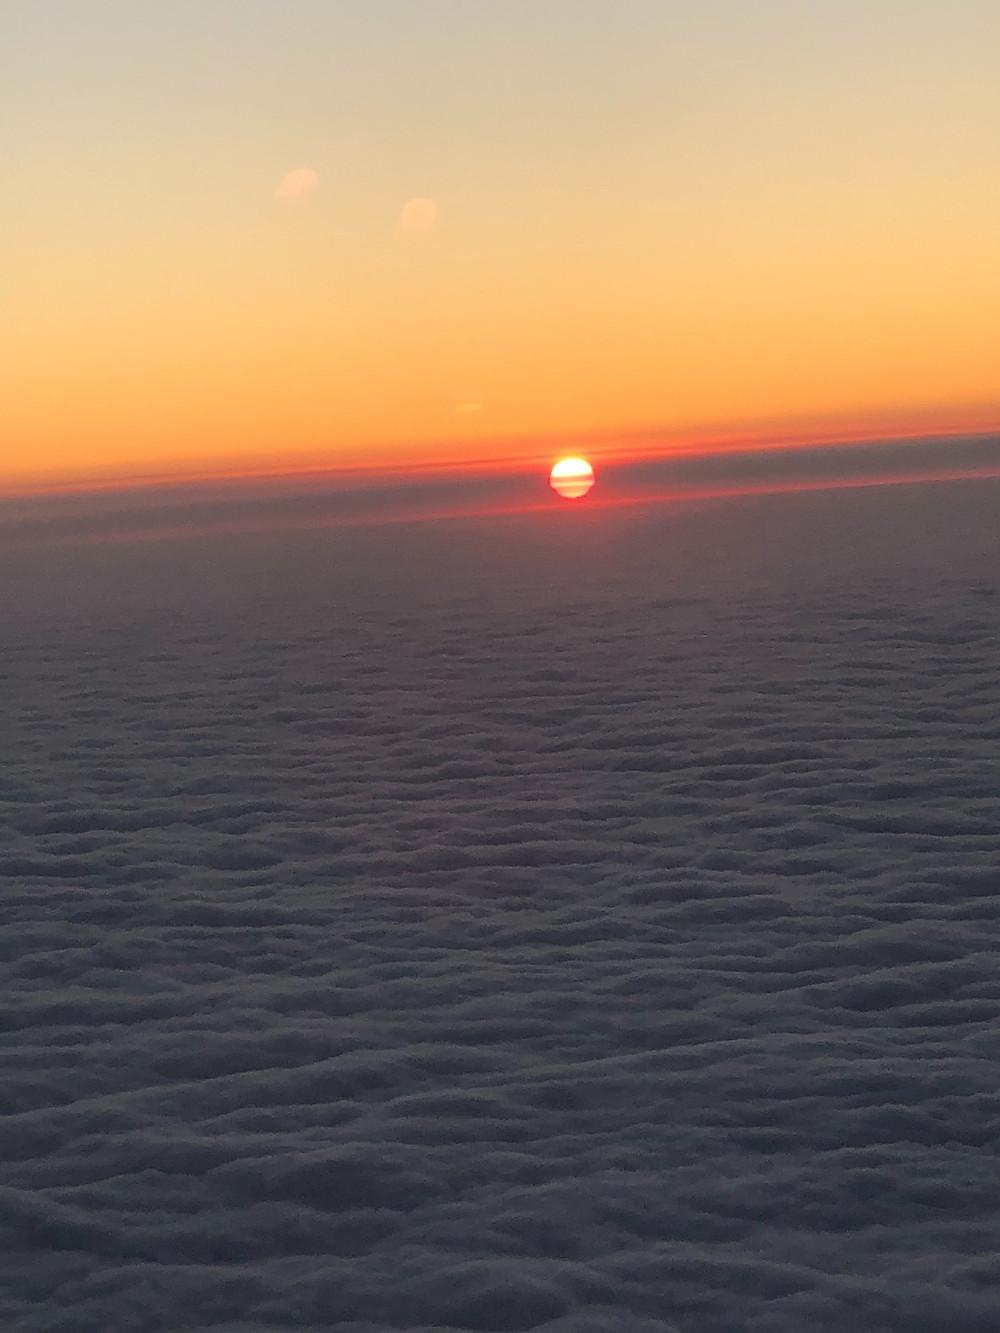 Melbourne's cloud sky